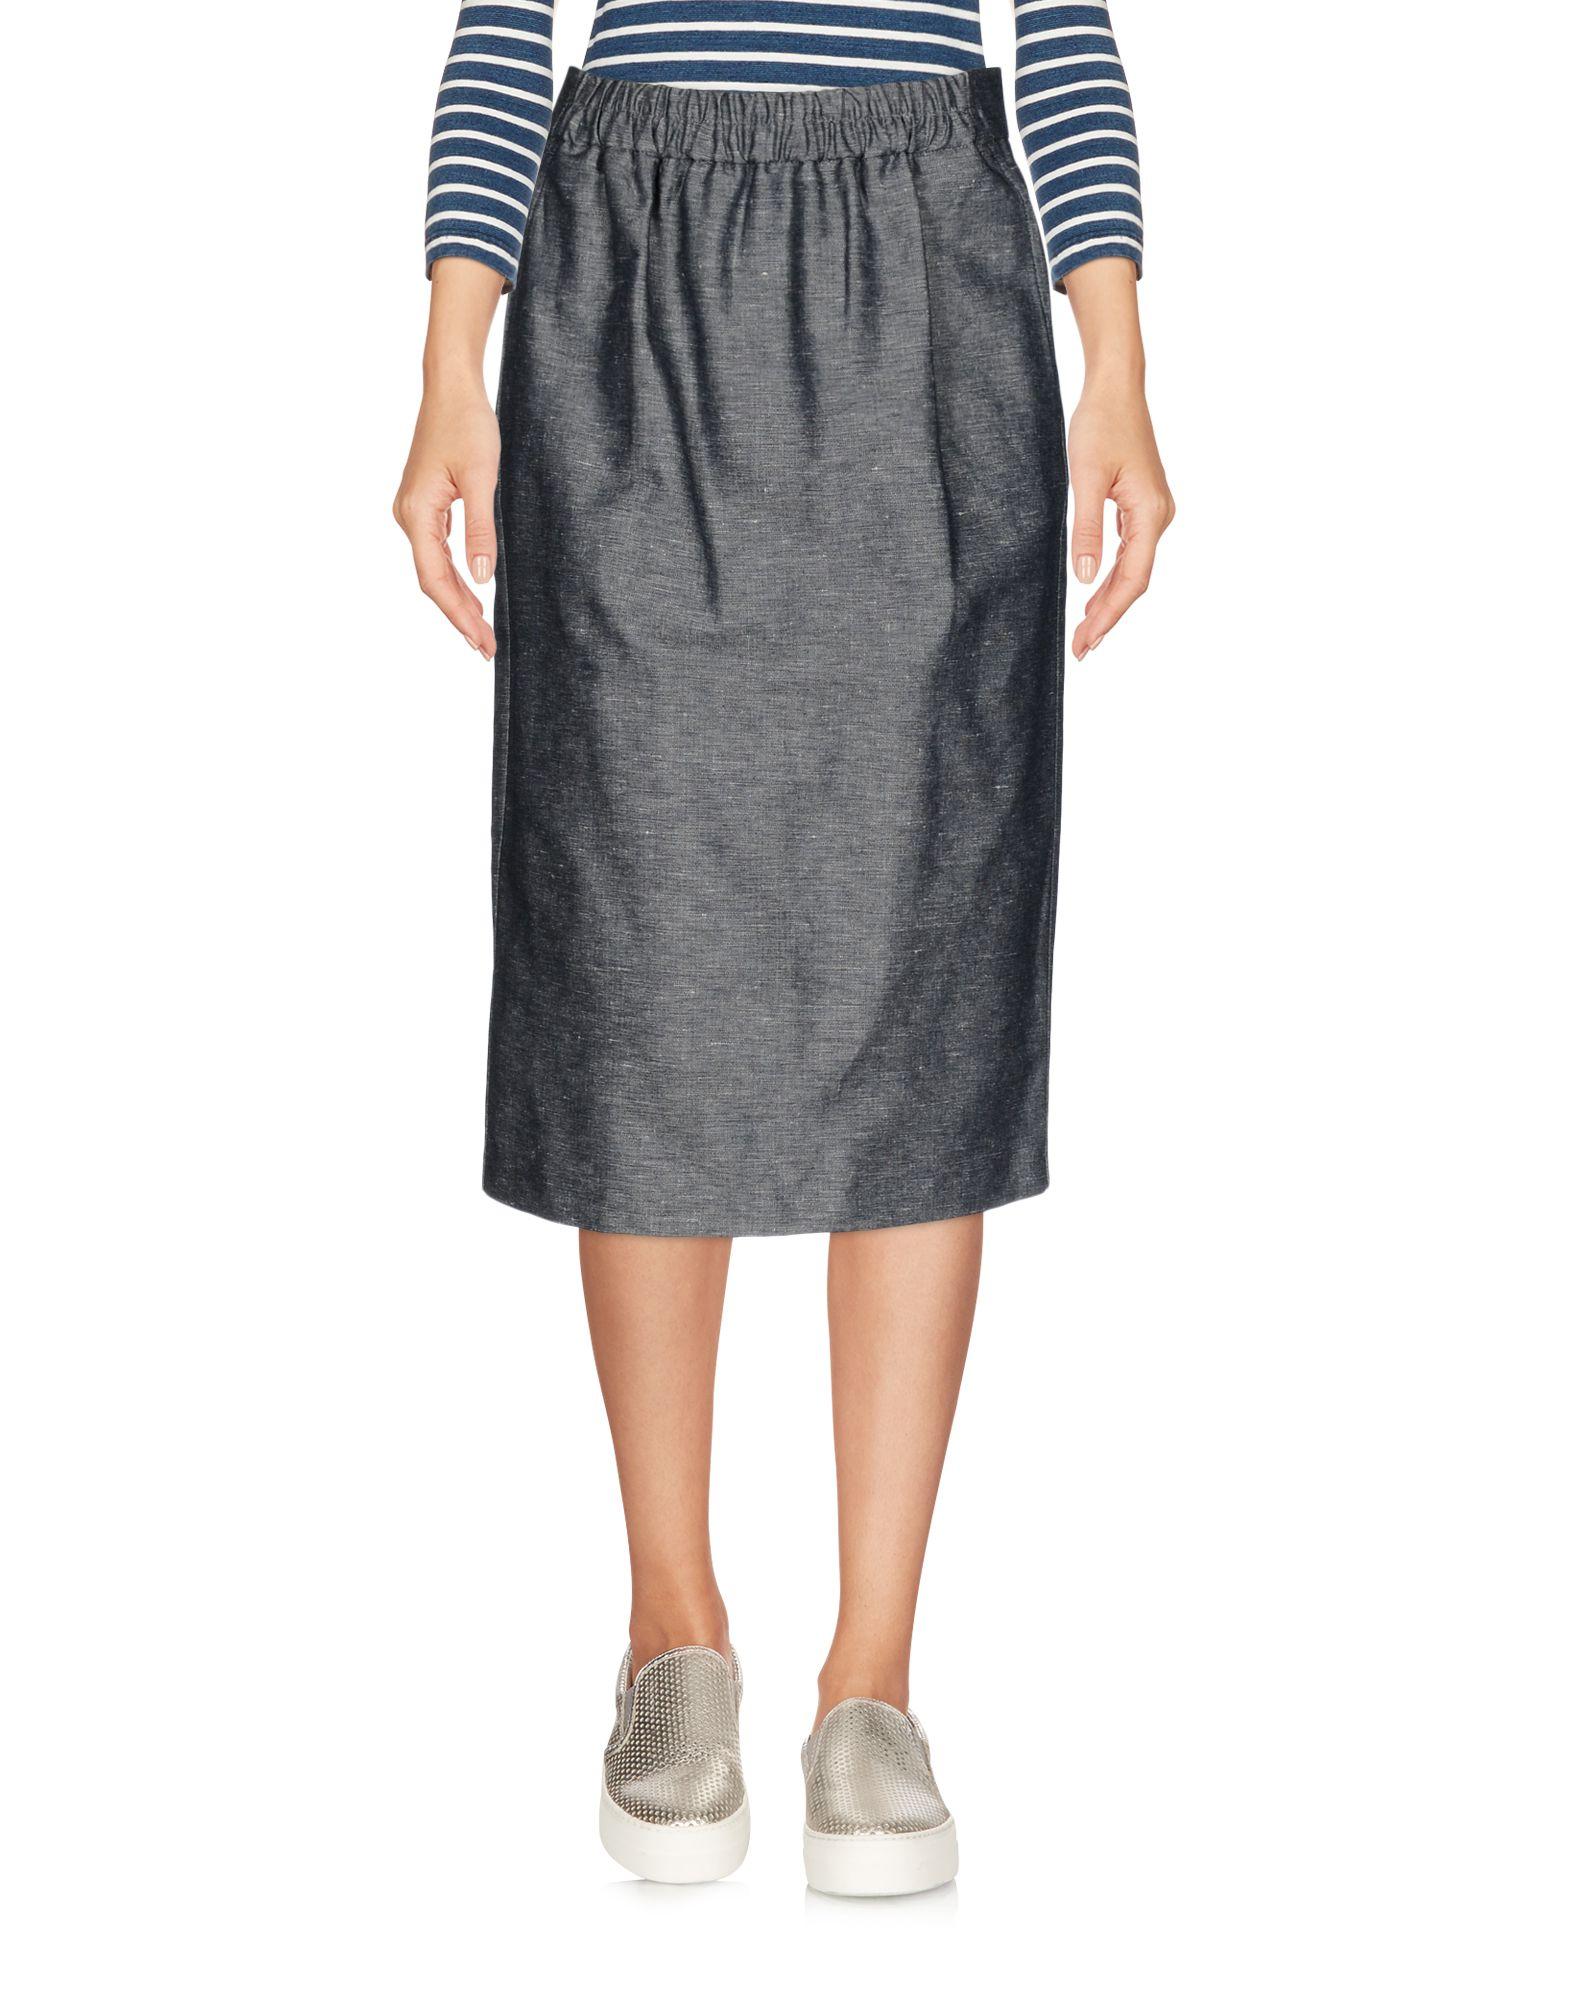 MOMONÍ Джинсовая юбка vinemo vorneoco корейская версия высокой талии слот пакет юбка джинсовая юбка юбка юбка r1540 серый xl